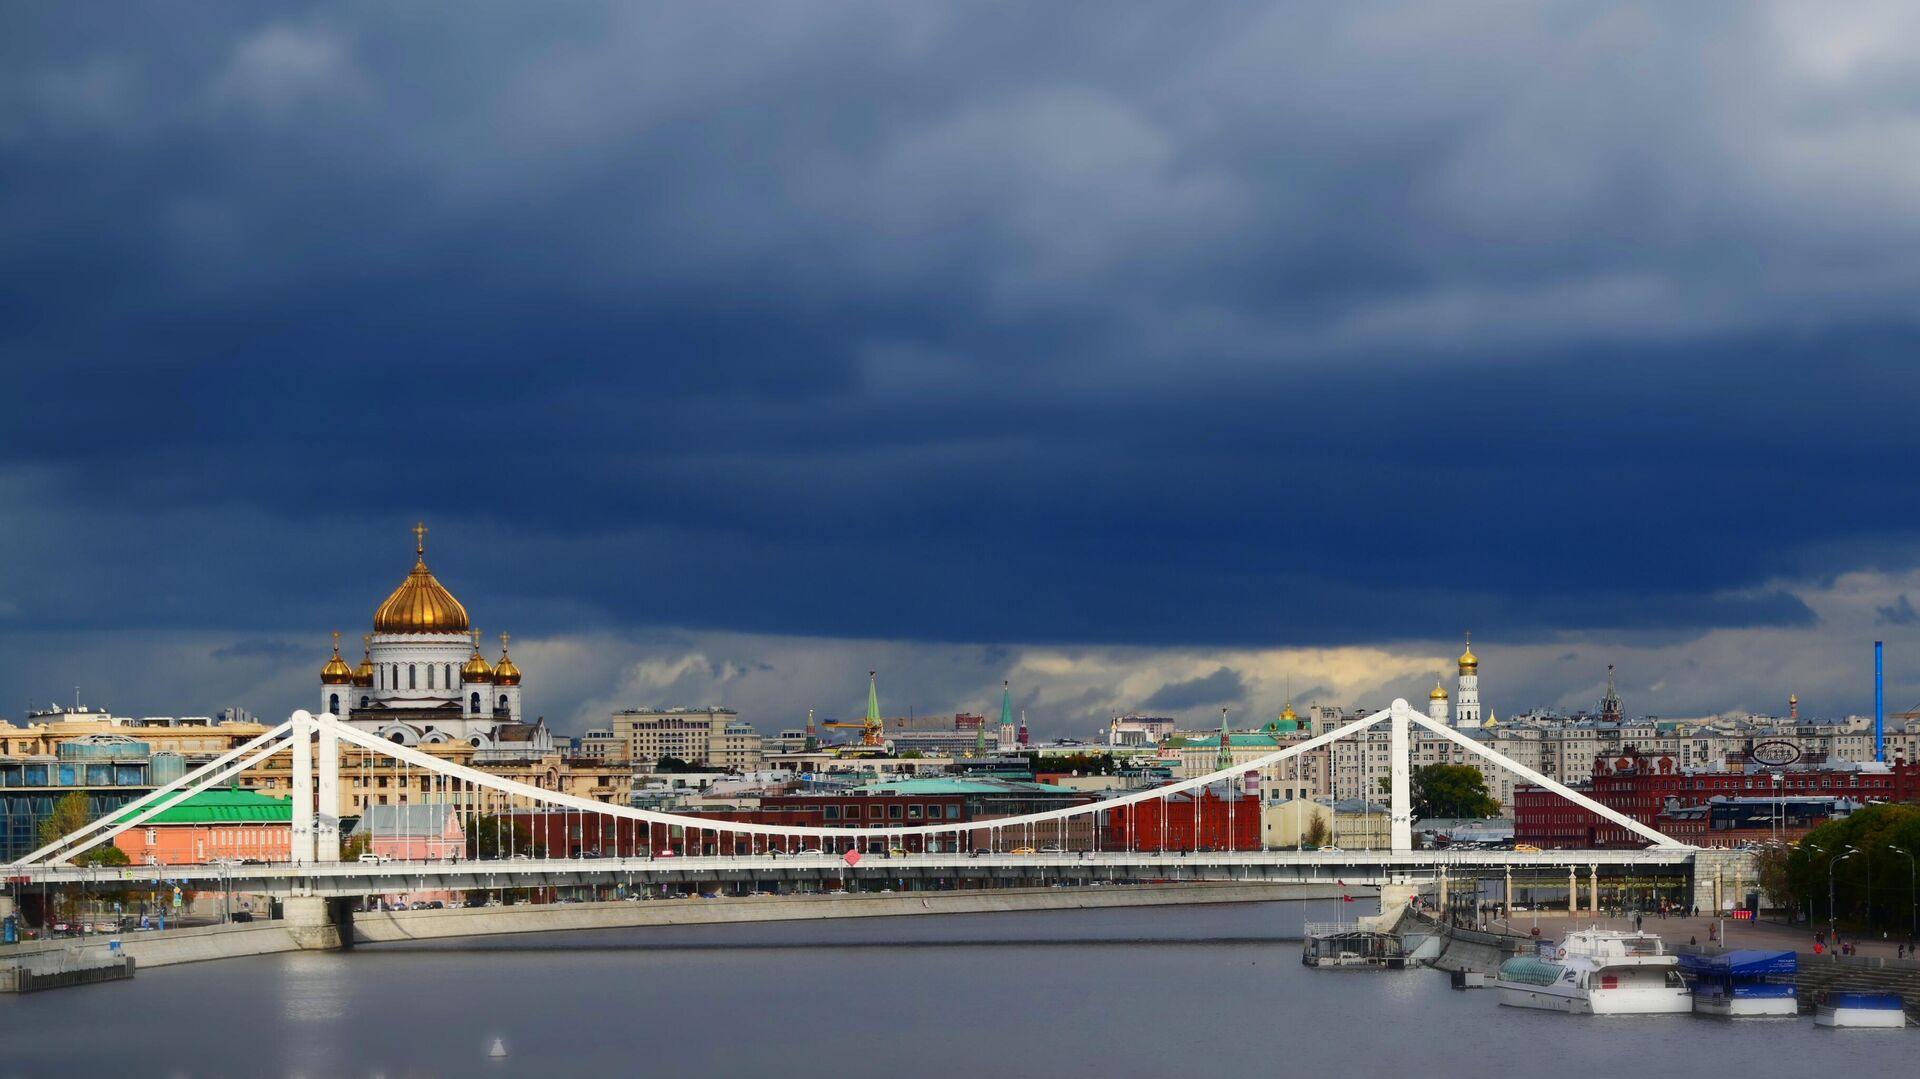 Крымский мост и храм Христа Спасителя в Москве - РИА Новости, 1920, 16.12.2020